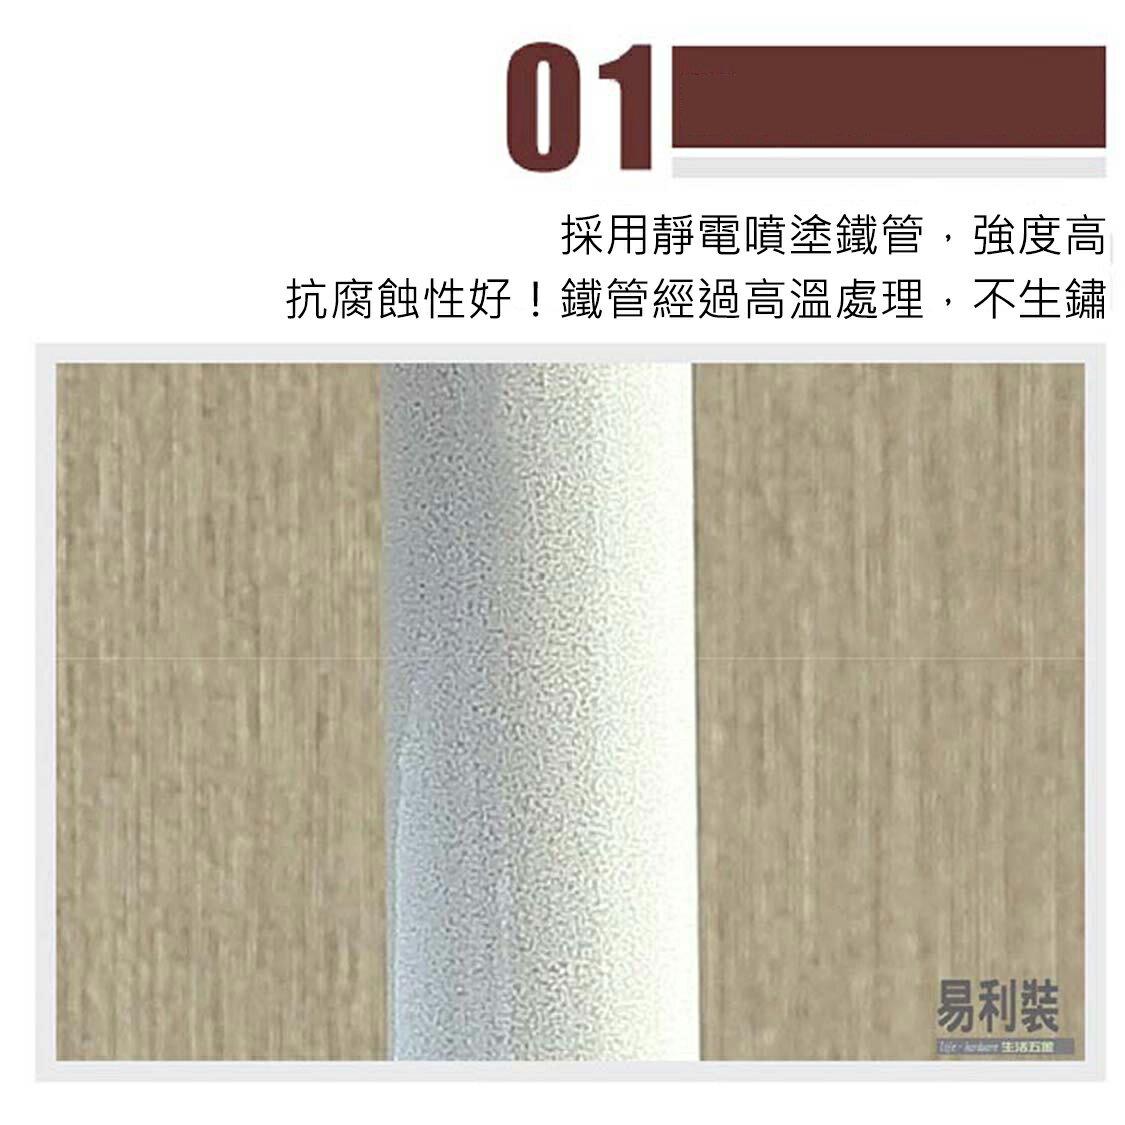 ECR011-1 頂天立地組合 易利裝生活五金 掛衣架 收納架 置物架 節省空間 免鑽孔 免釘 1